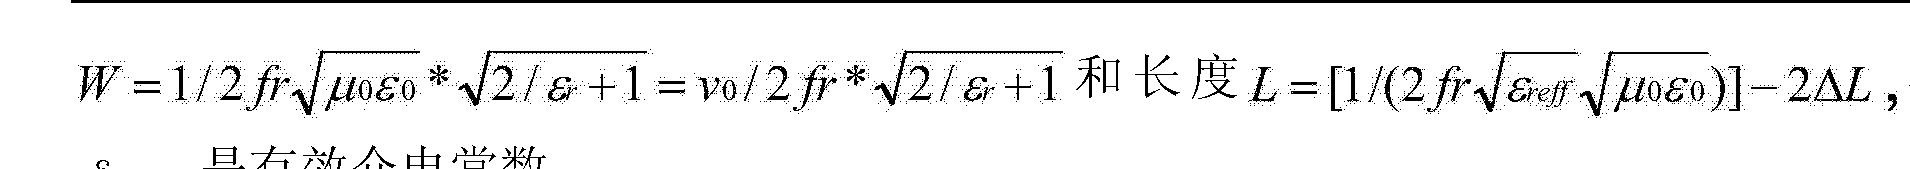 Figure CN102119454BC00041